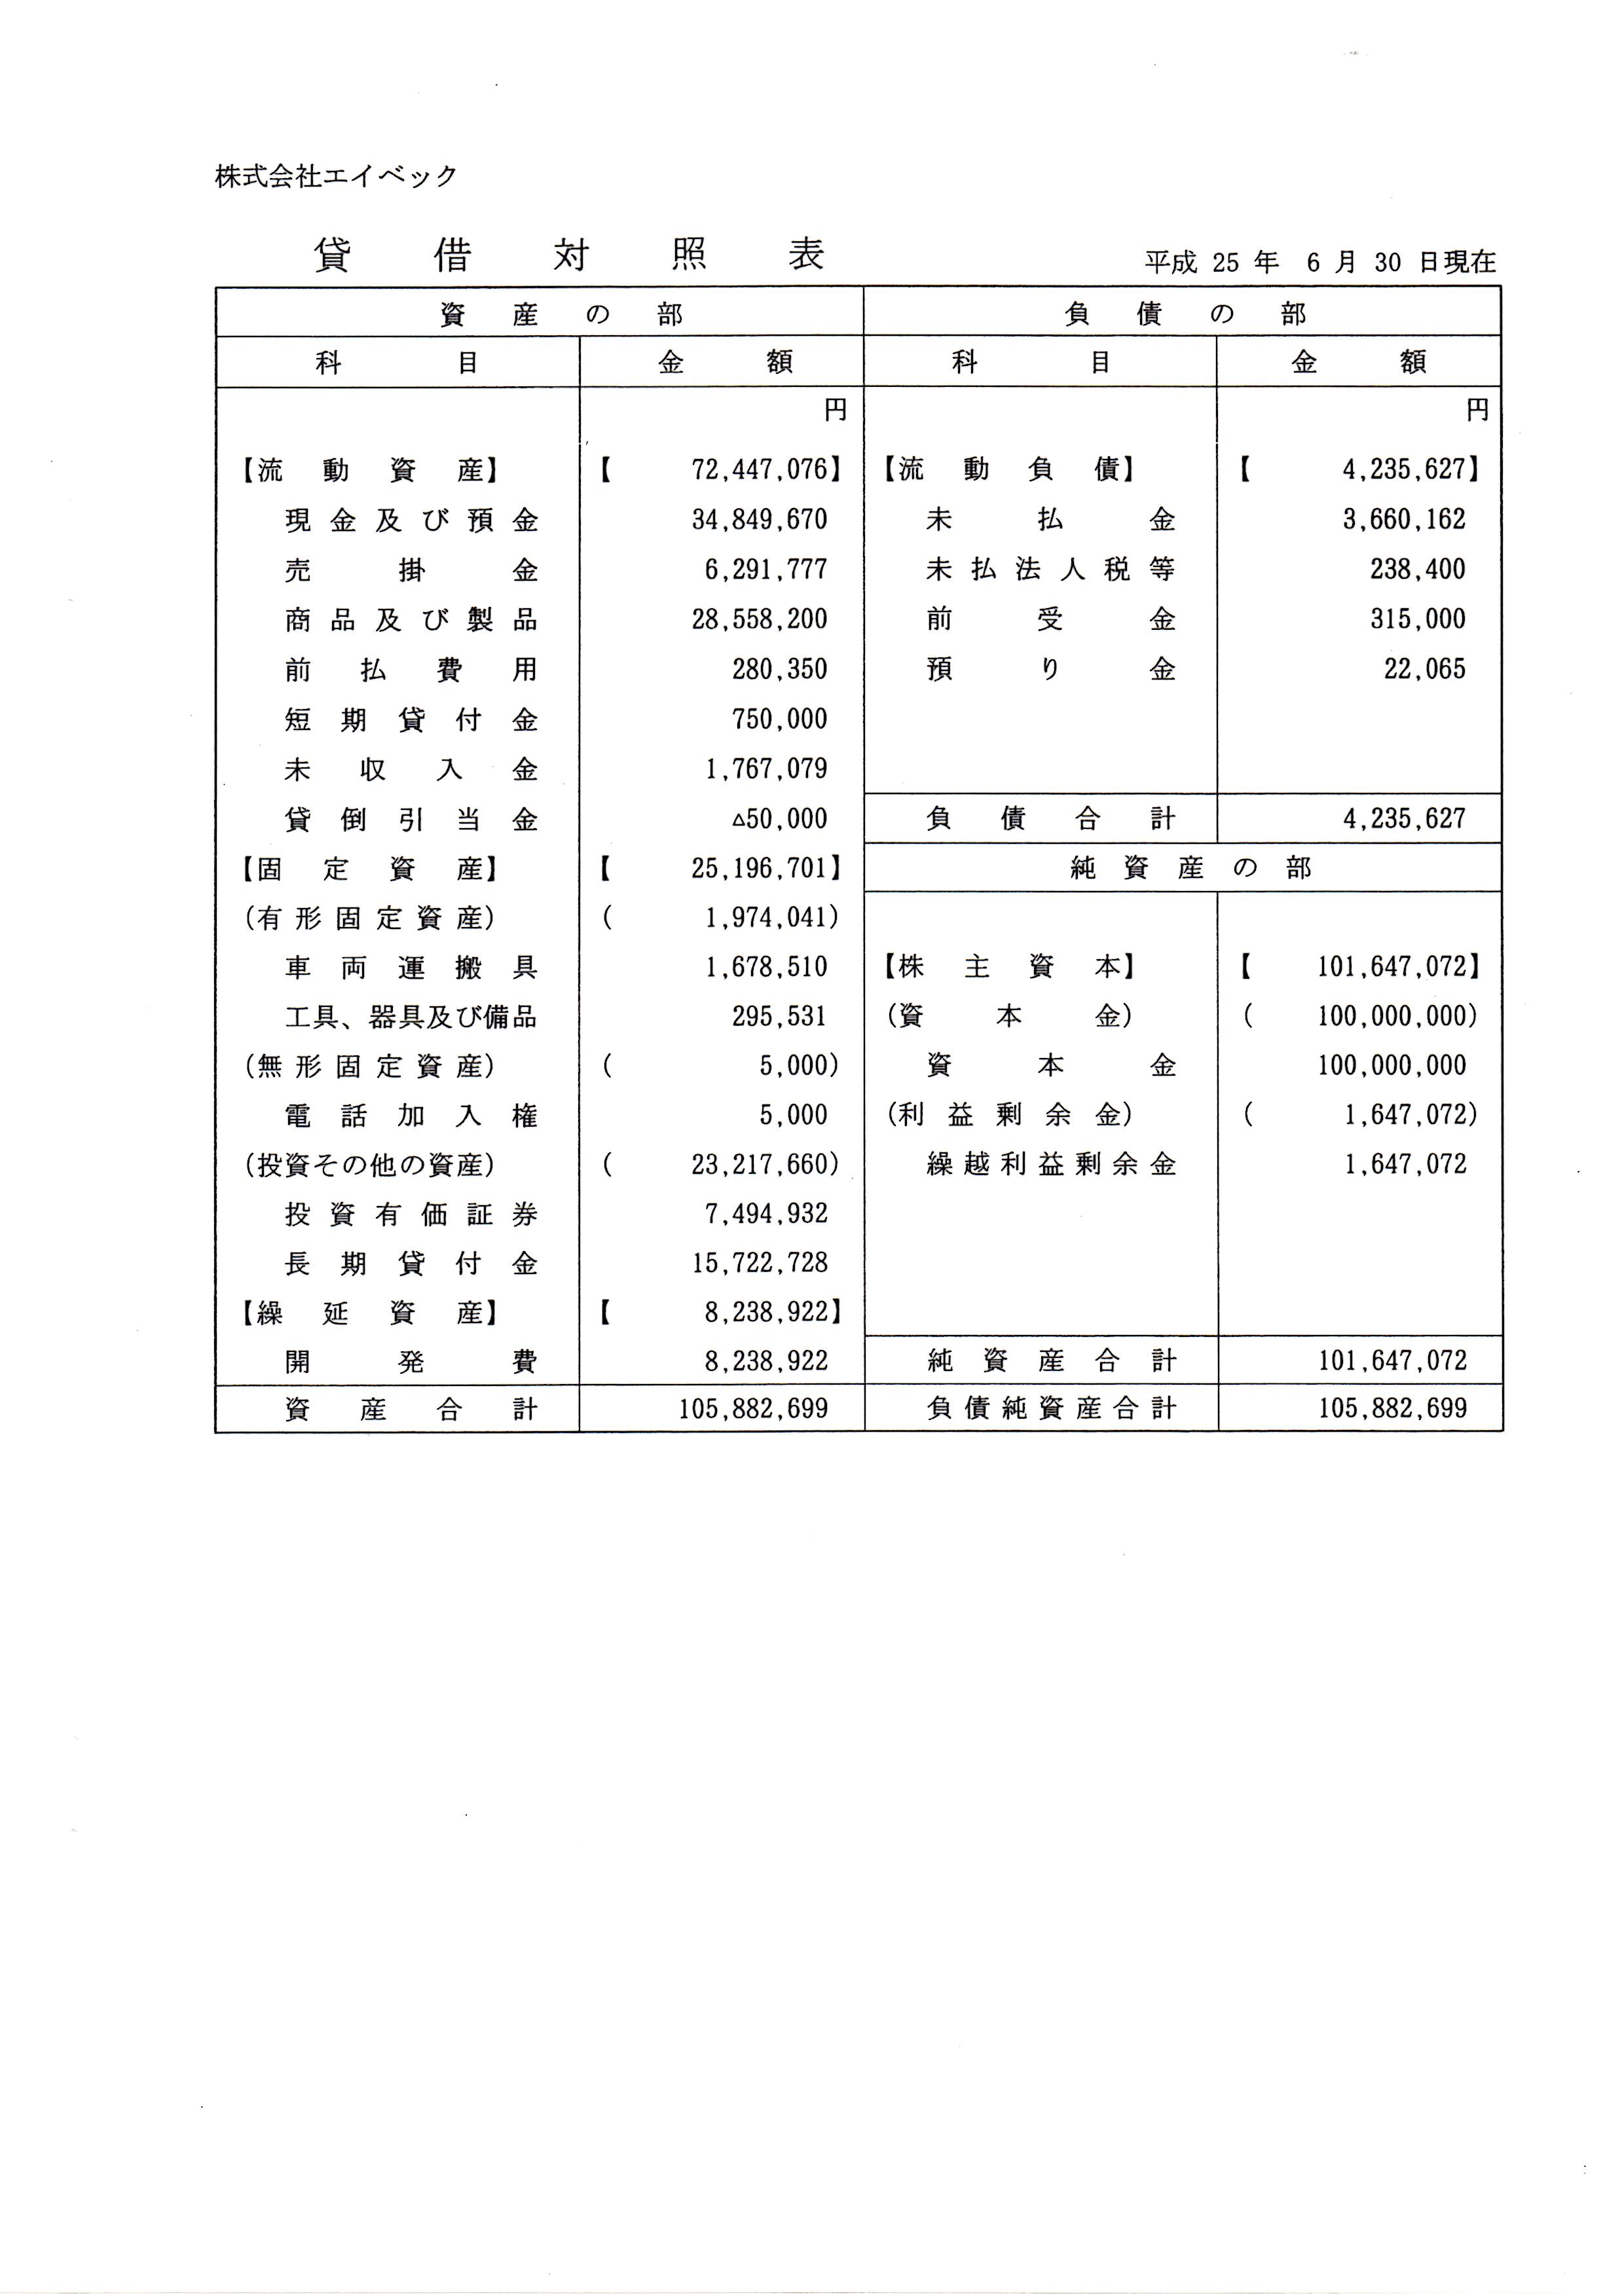 株式会社エイベック第10期貸借対照表